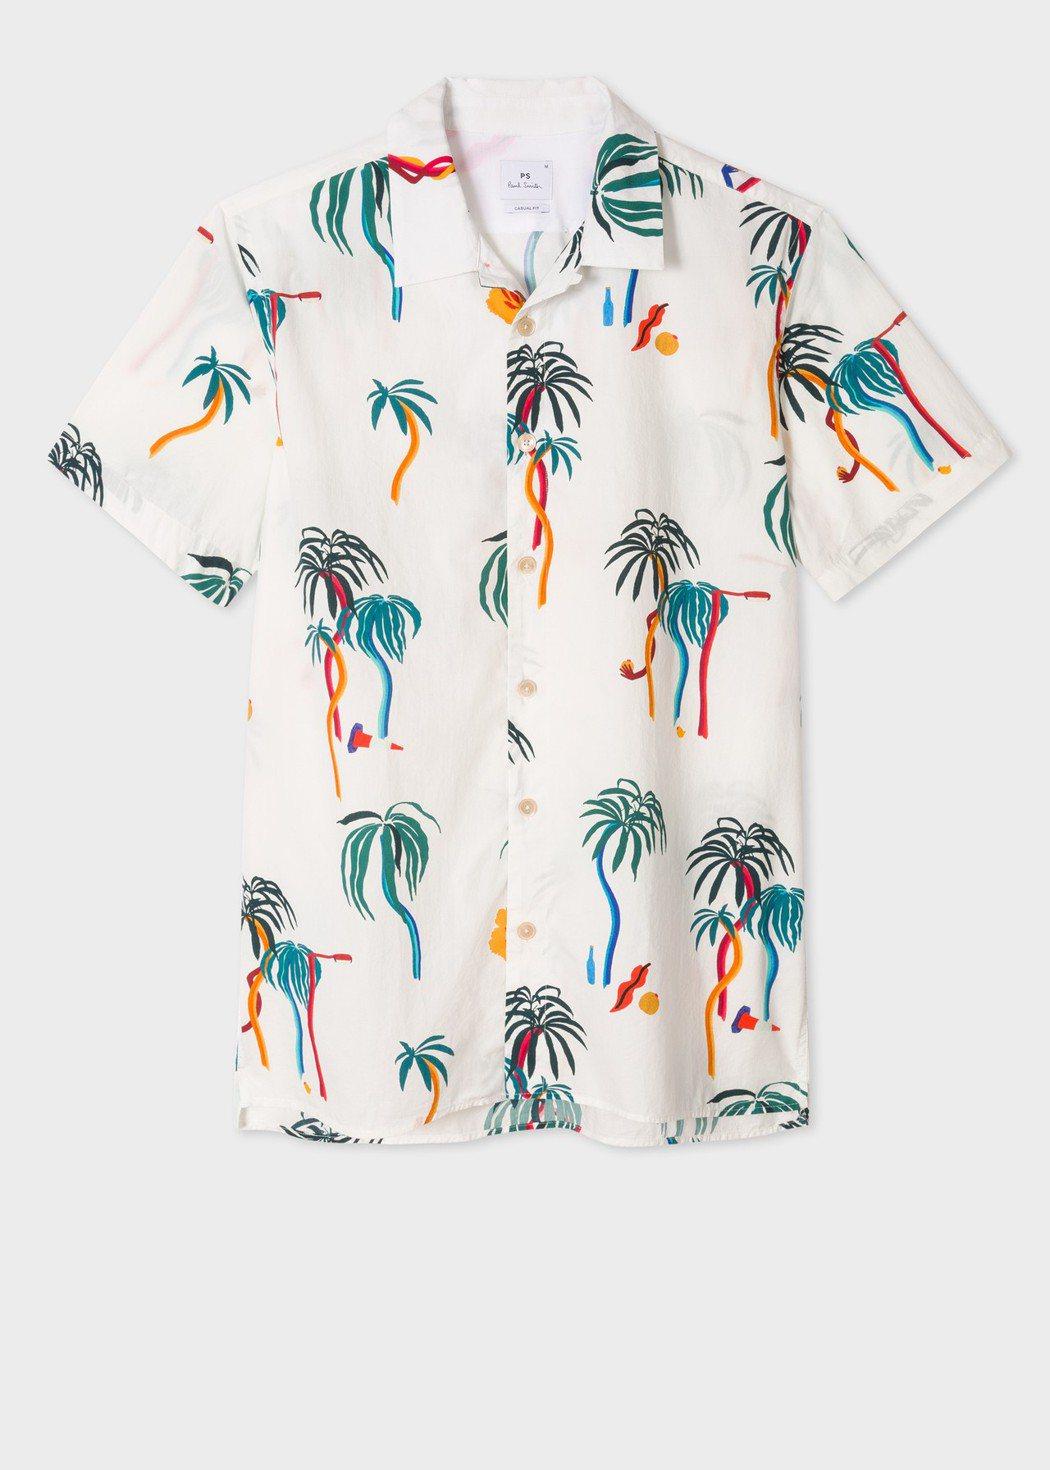 彩色棕櫚樹短袖襯衫,原價7,300元,特價3,650元。圖/Paul Smith...